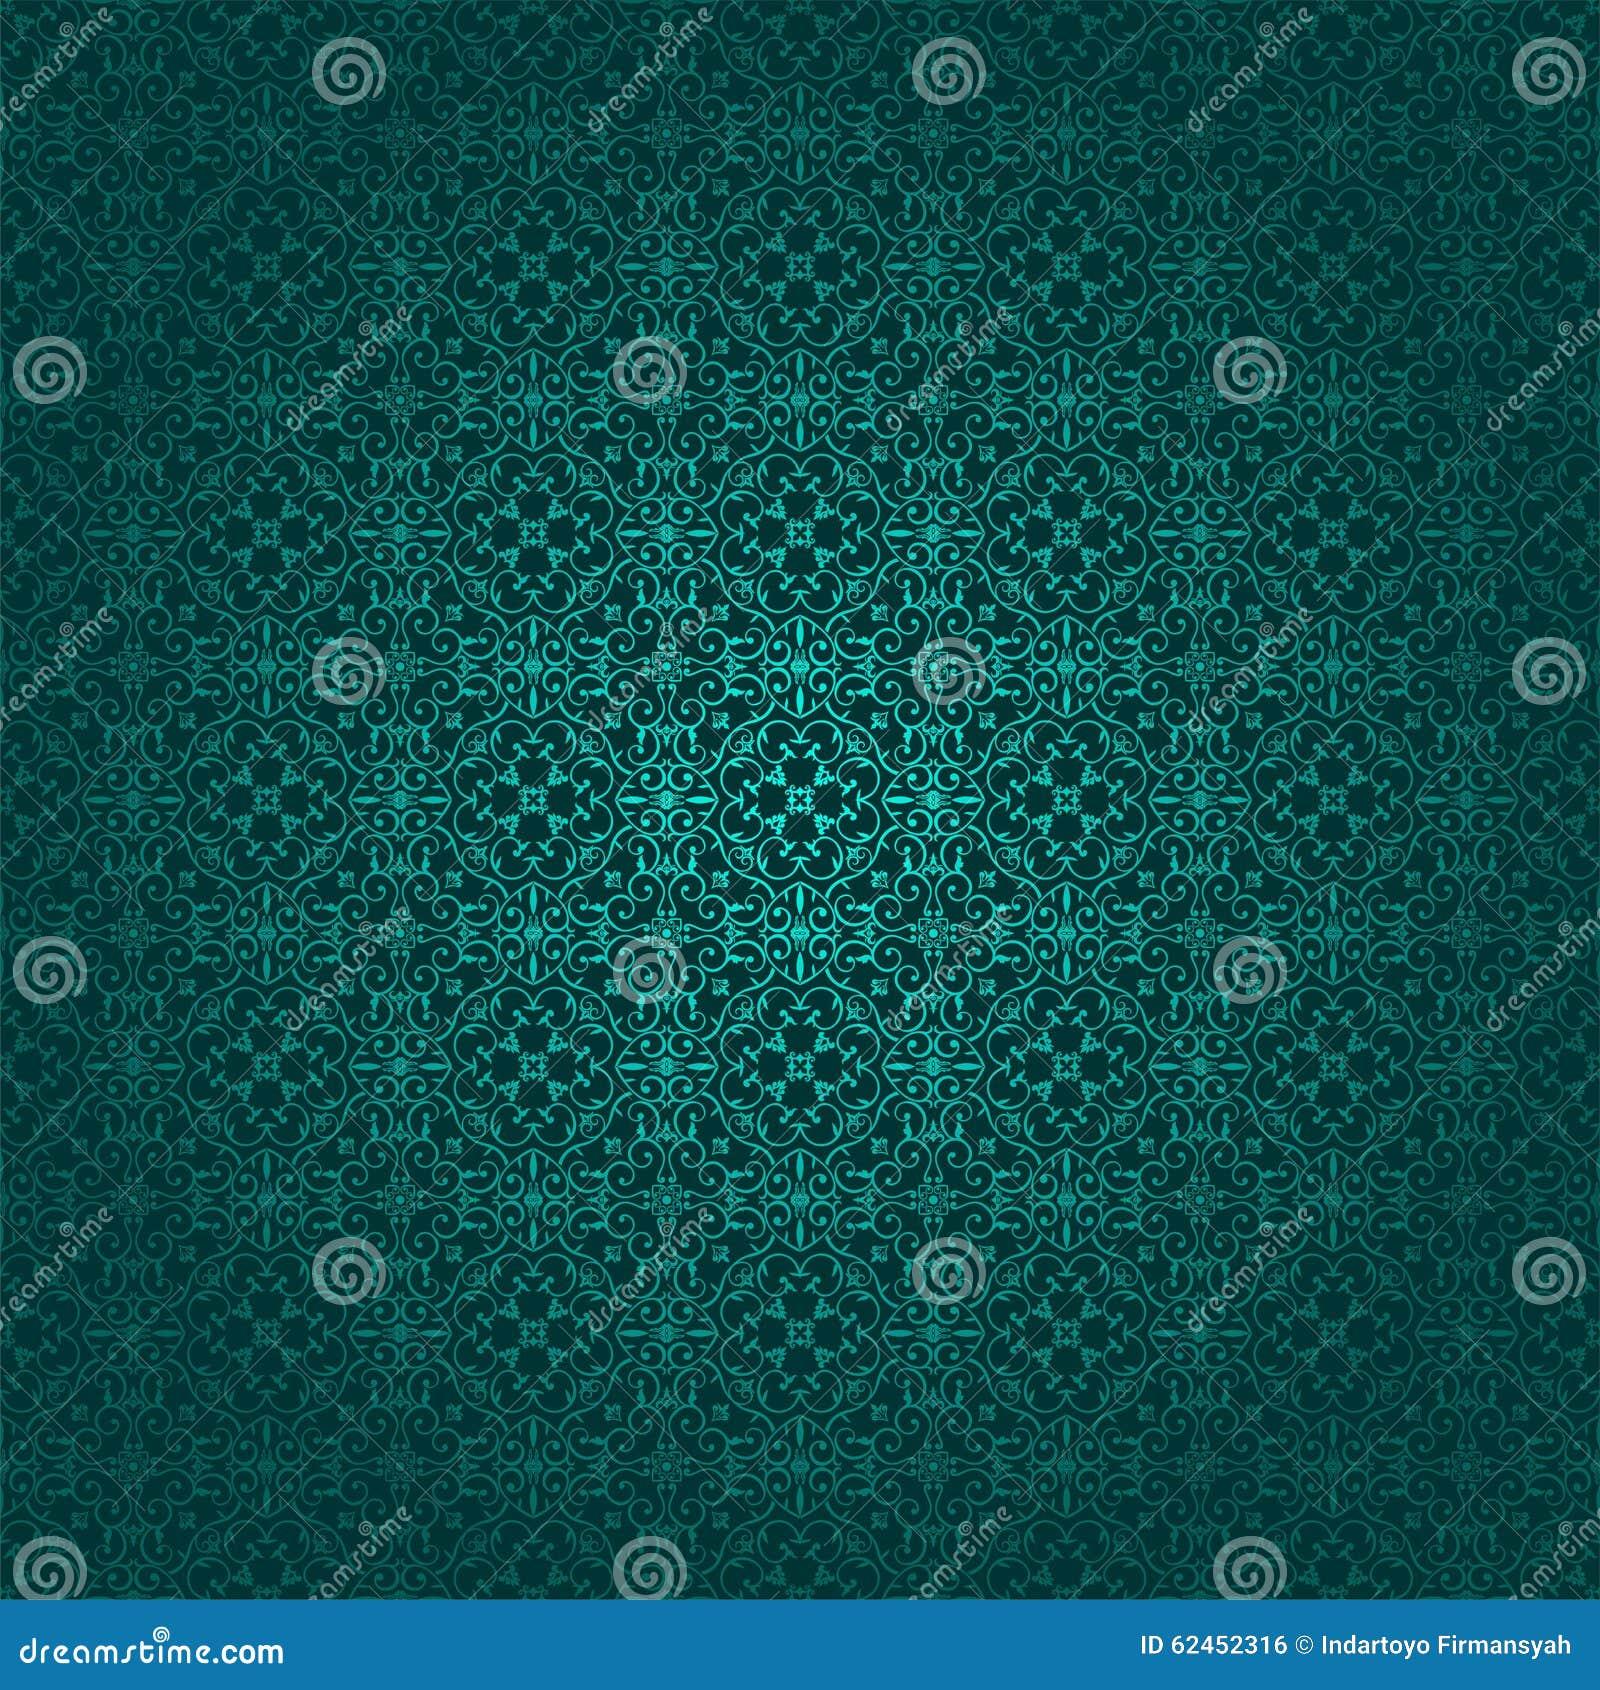 Wallpaper Batik Swirl Square Blue Tosca And Dark Blue